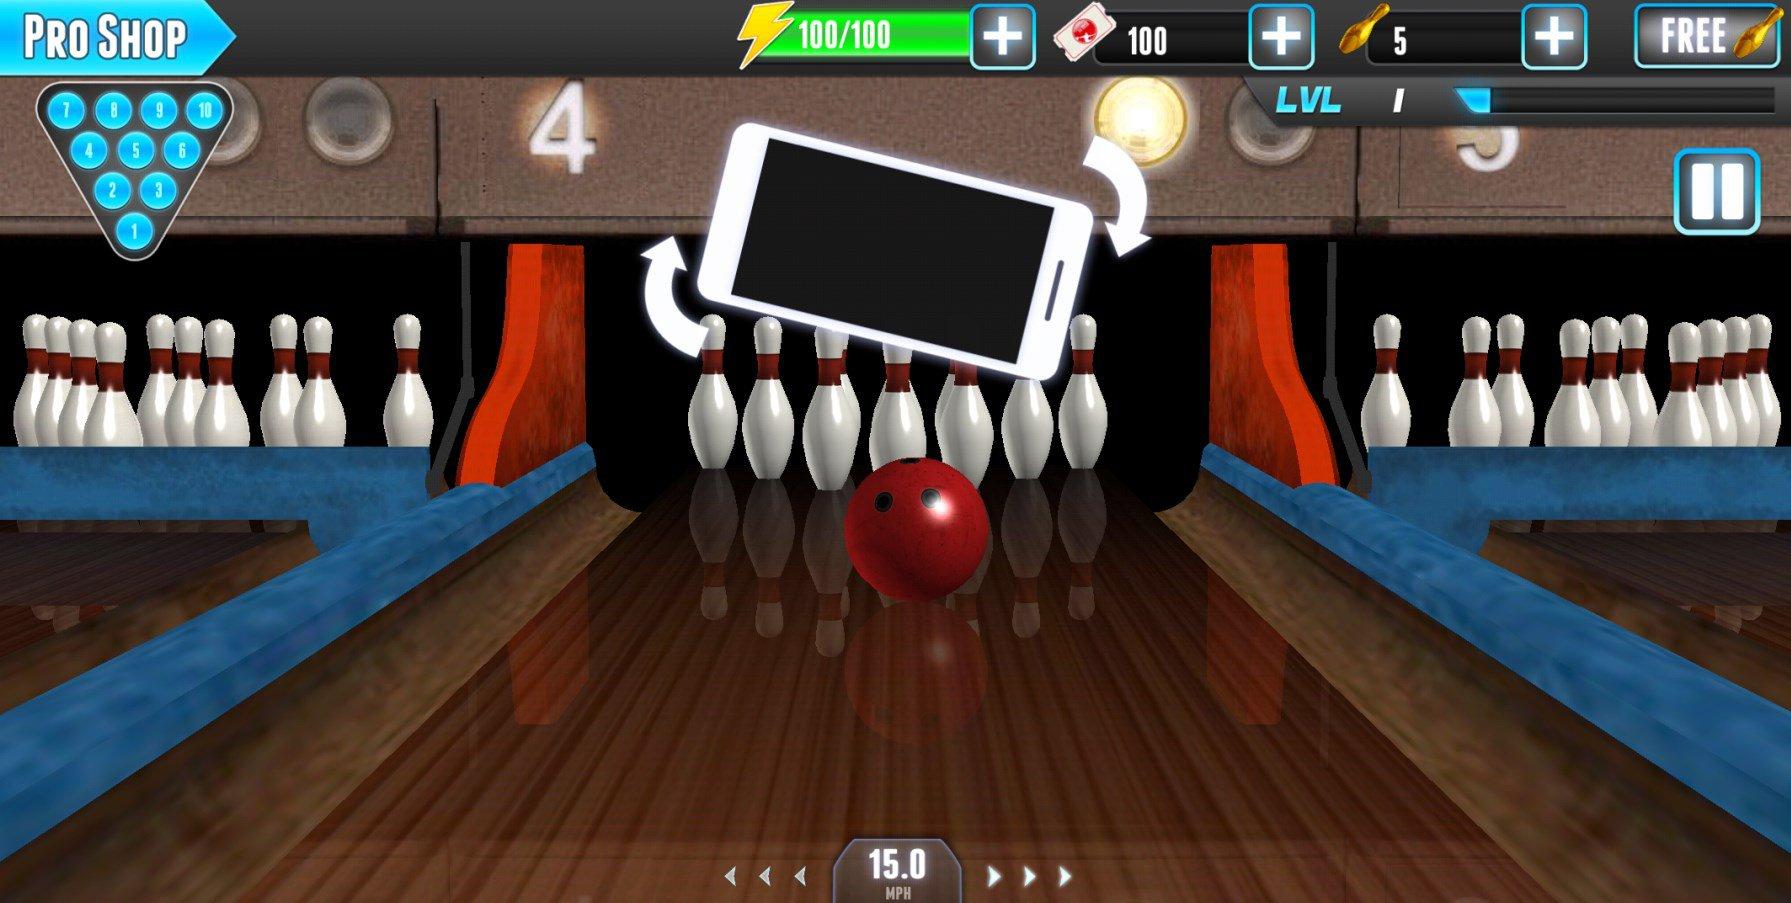 Pba Bowling Challenge 3.7.0 - Télécharger Pour Android Apk destiné Jeux De Bouligue